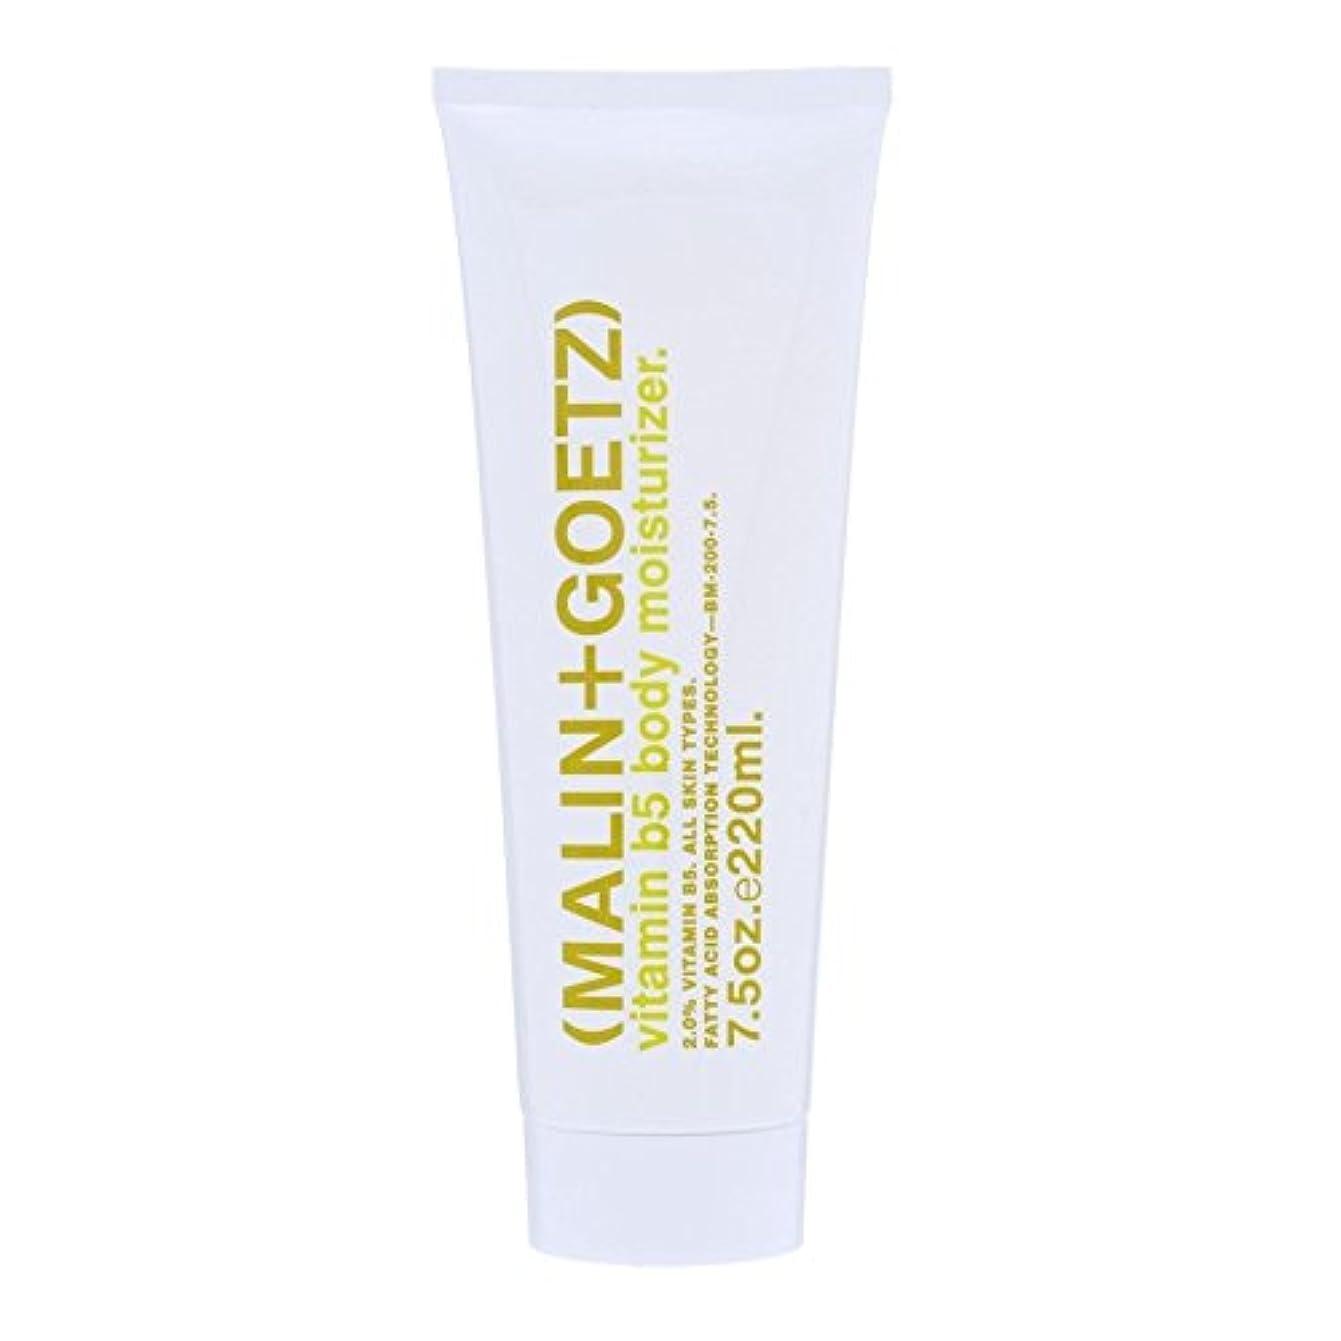 効率飛行場該当する(MALIN+GOETZ) Vitamin B5 Body Moisturiser 220ml - (マリン+ゲッツ)ビタミン5ボディモイスチャライザーの220ミリリットル [並行輸入品]